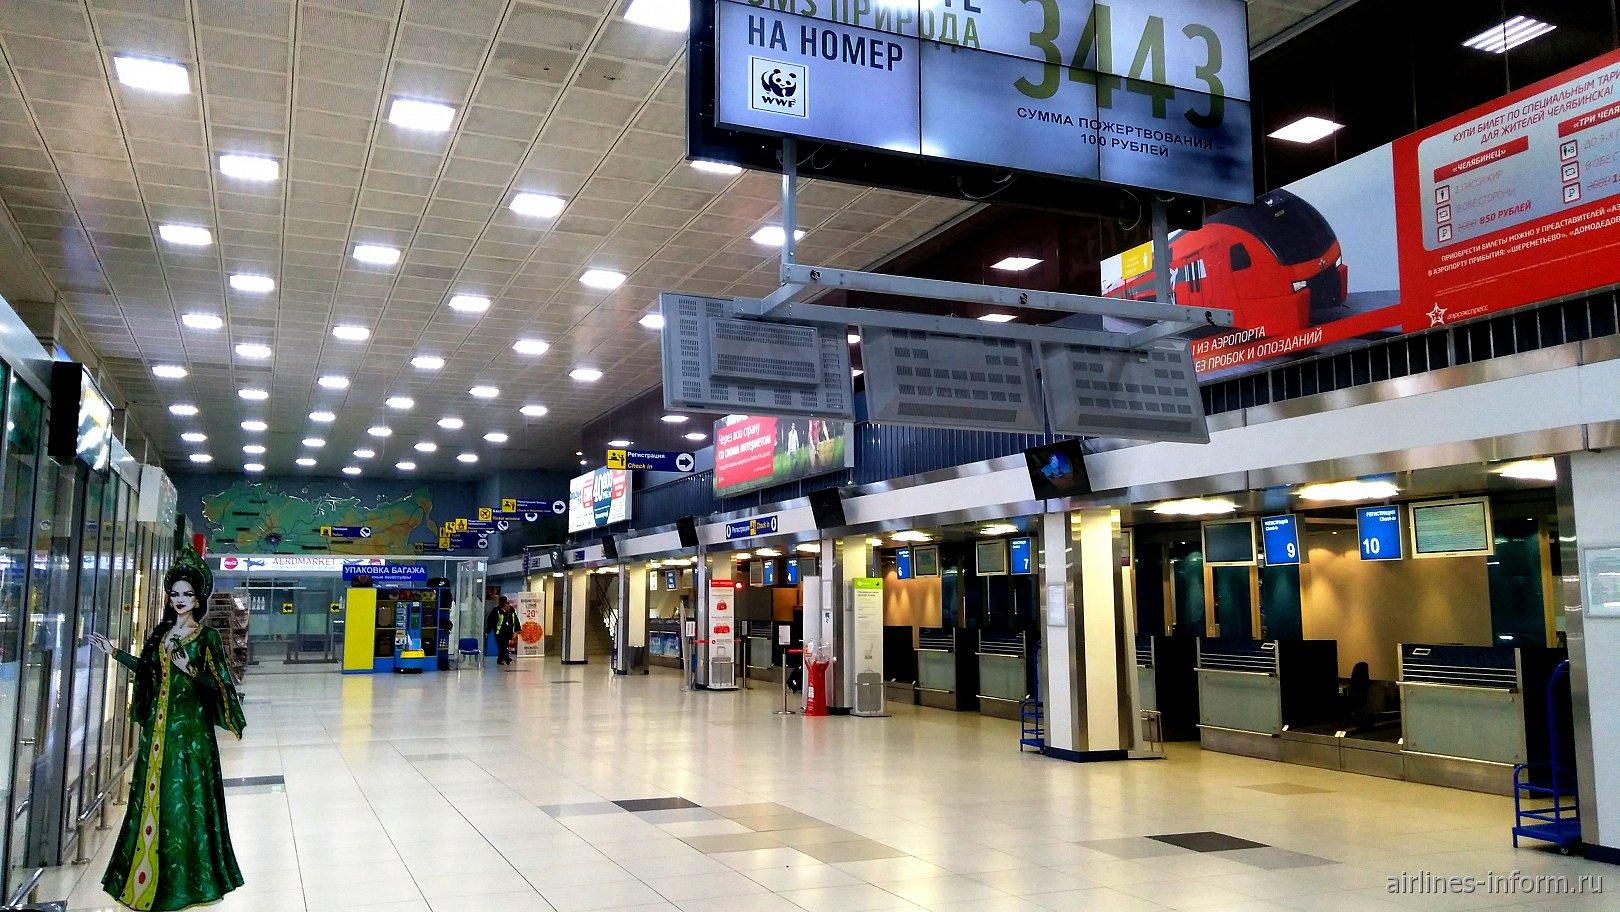 Зал вылета внутренних авиалиний в аэропорту Челябинск Баландино